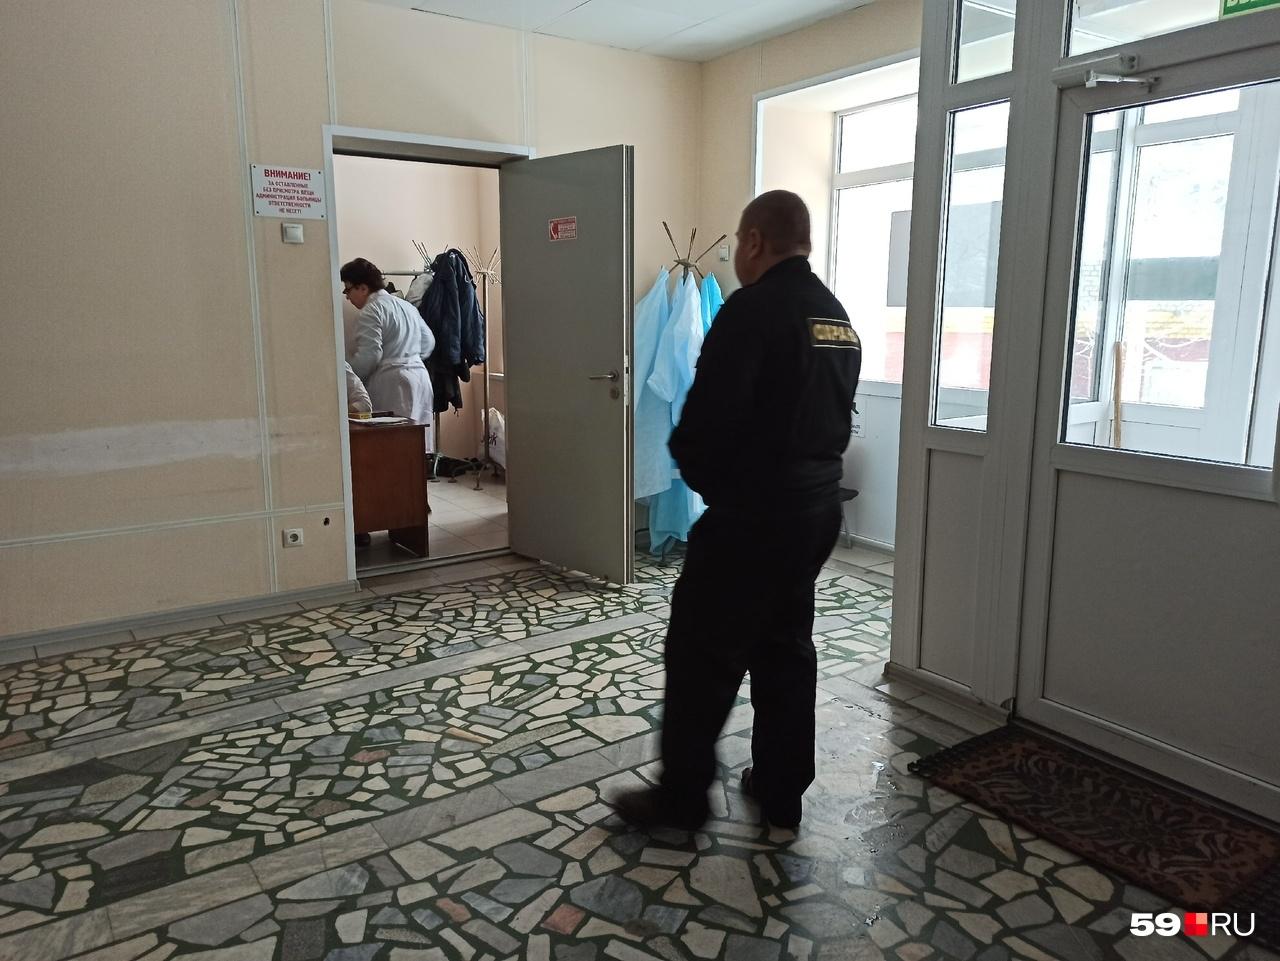 В ожоговый центр доставили трех человек из отеля «Карамель»